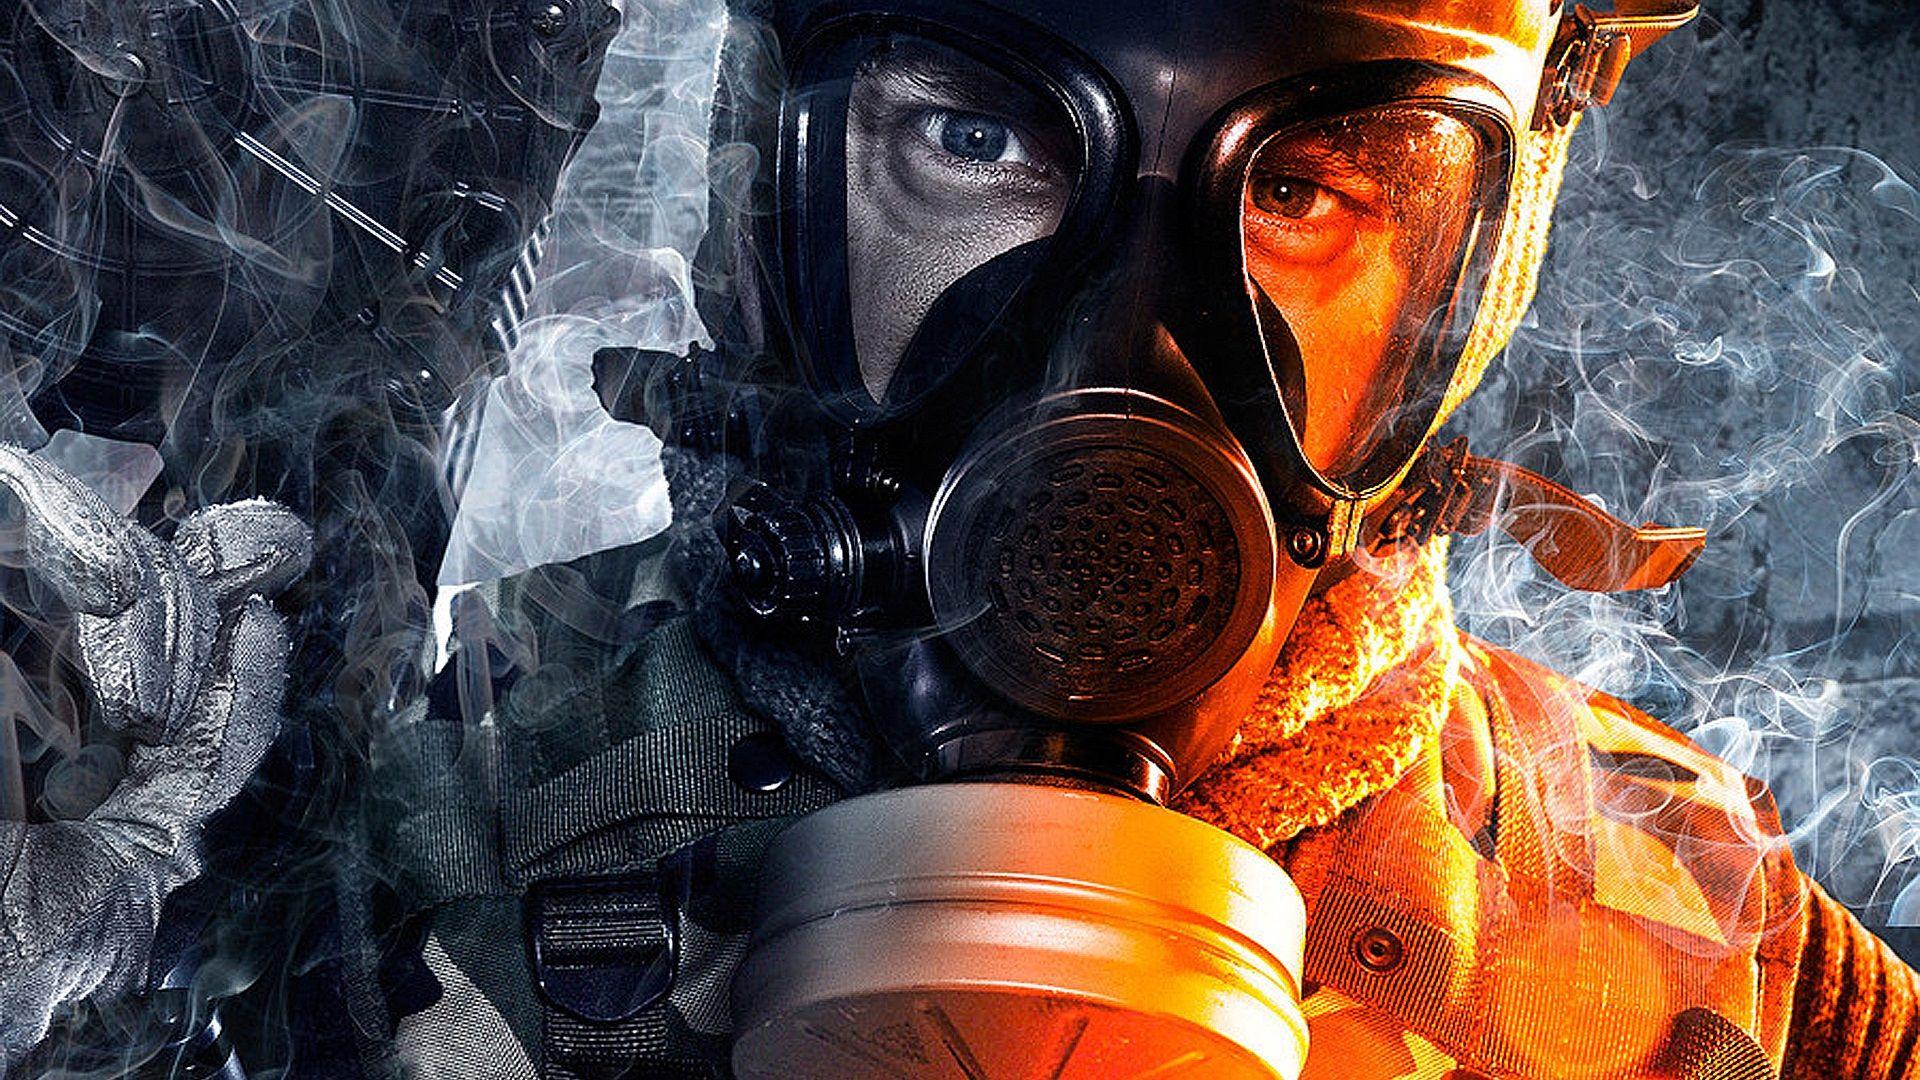 26,67 Battlefield 4 Солдаты, Противогазы и Картинки